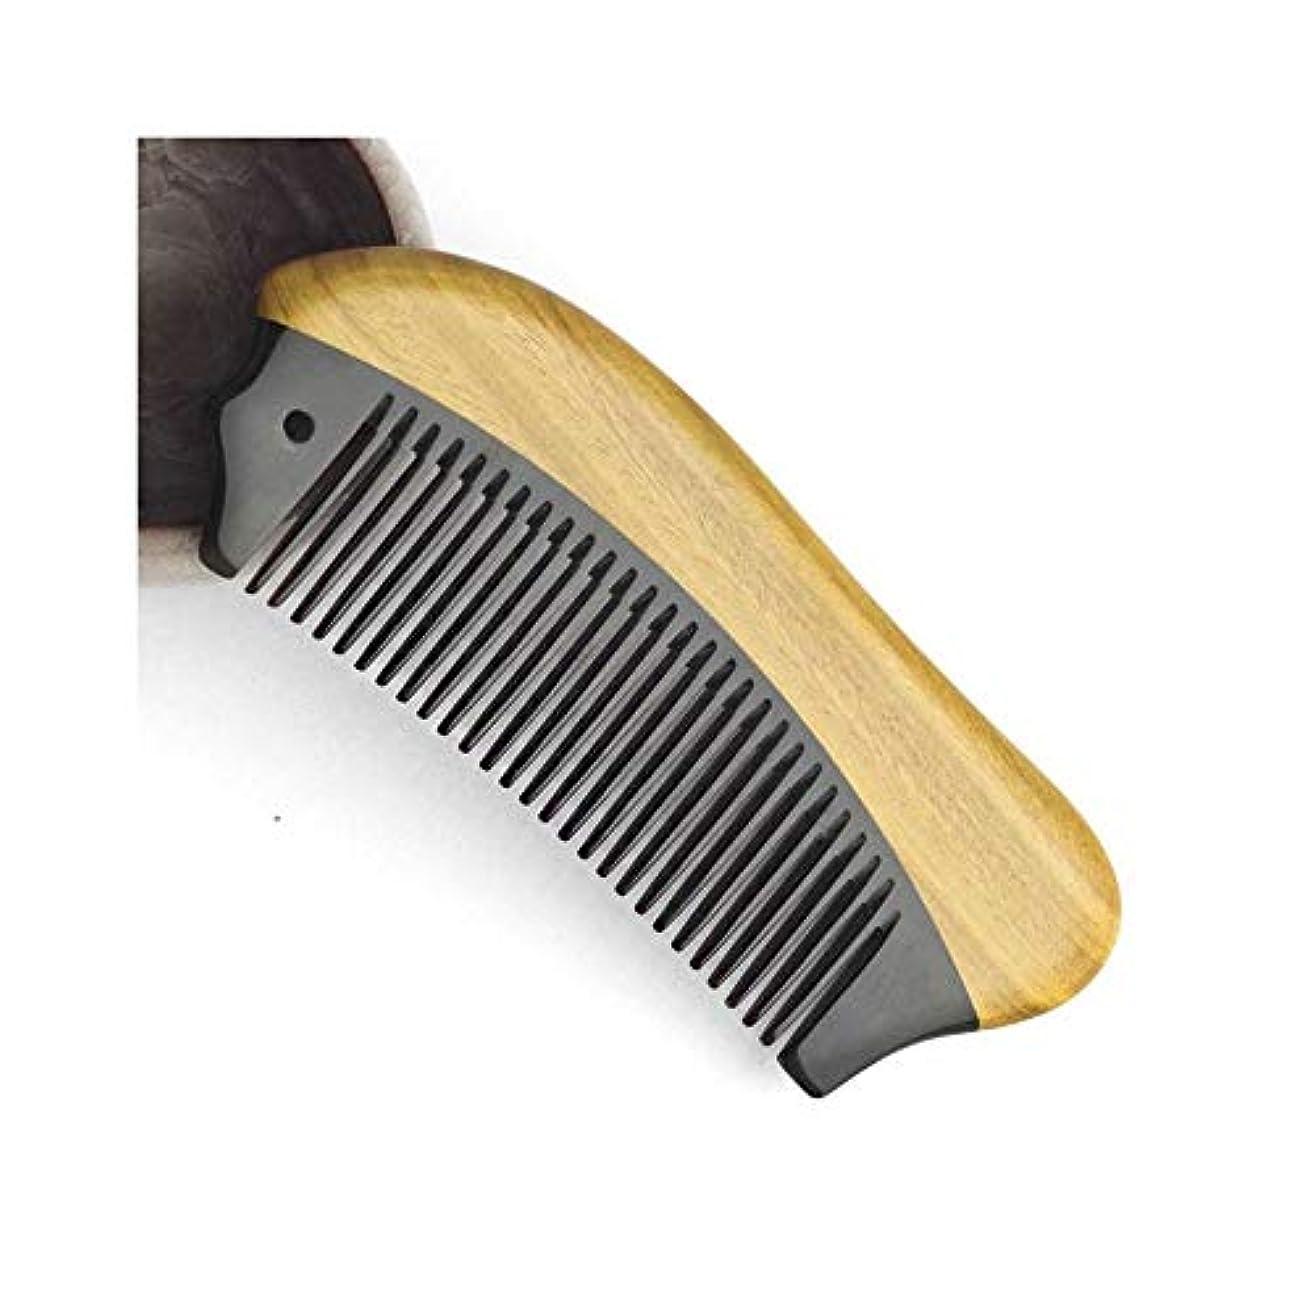 セブン移植クリエイティブWASAIO ヘアブラシ静電気防止マッサージヘアコームナチュラルグリーンサンダルウッドコーム、12cm (色 : Photo color)